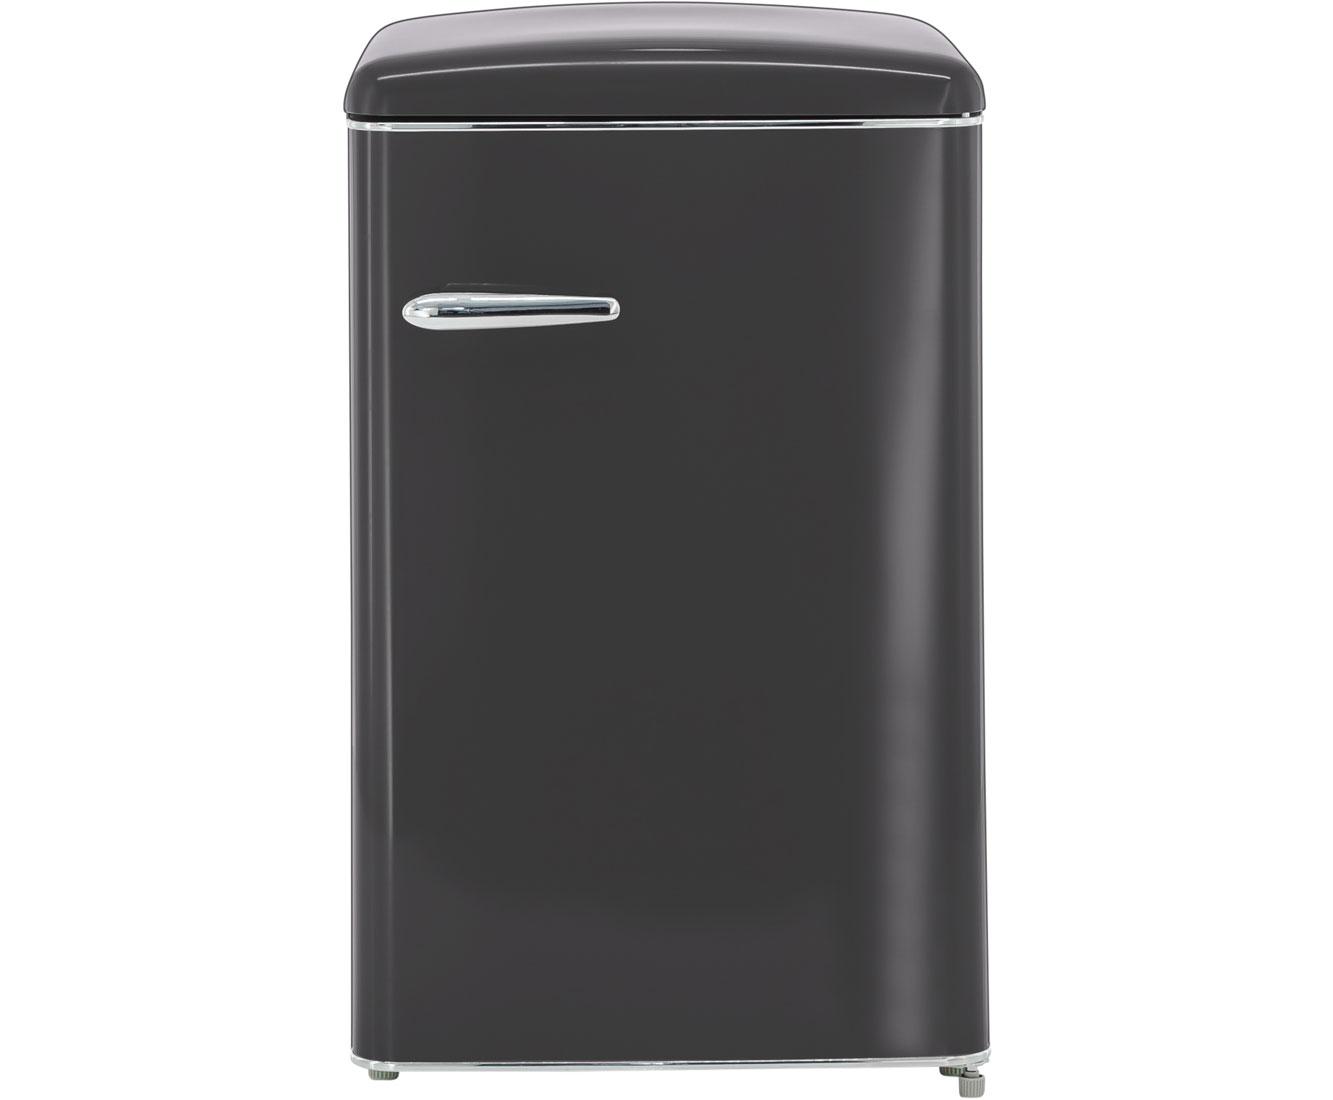 Kühlschrank Retro Schwarz : Exquisit rks rva kühlschrank matt schwarz retro design